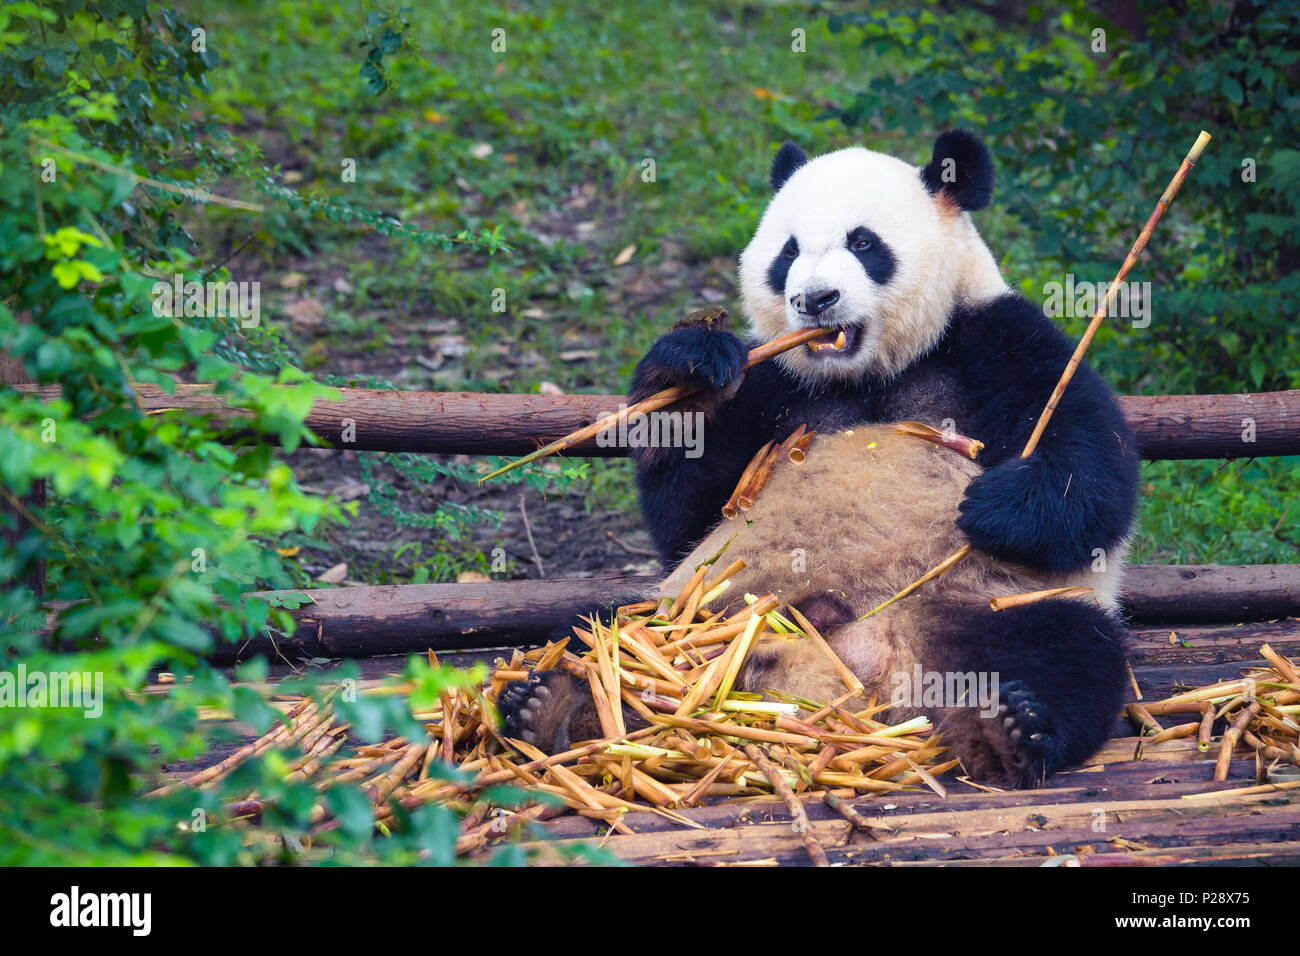 Panda essen Bambus liegen auf Holz in Chengdu bei Tag, Provinz Sichuan, China Stockbild